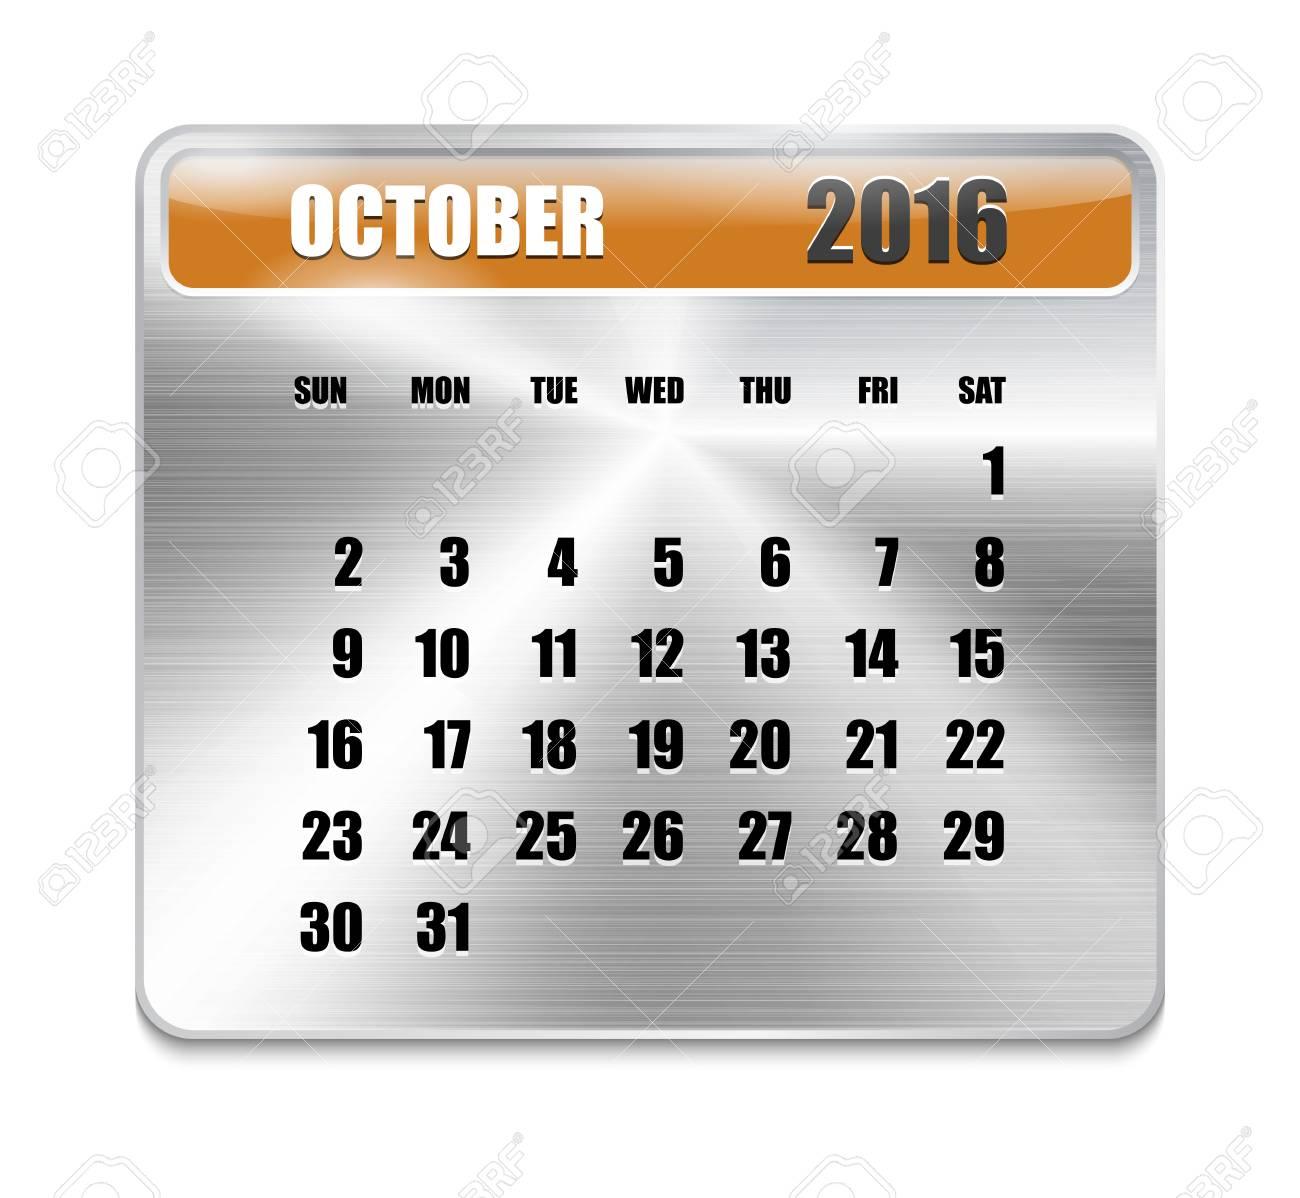 Calendario Per Sito Web.Calendario Mensile Per Ottobre 2016 Sul Piastra Metallica Vacanze Arancio Puo Essere Usato Per I Calendari Di Lavoro E Uffici Sito Web Design